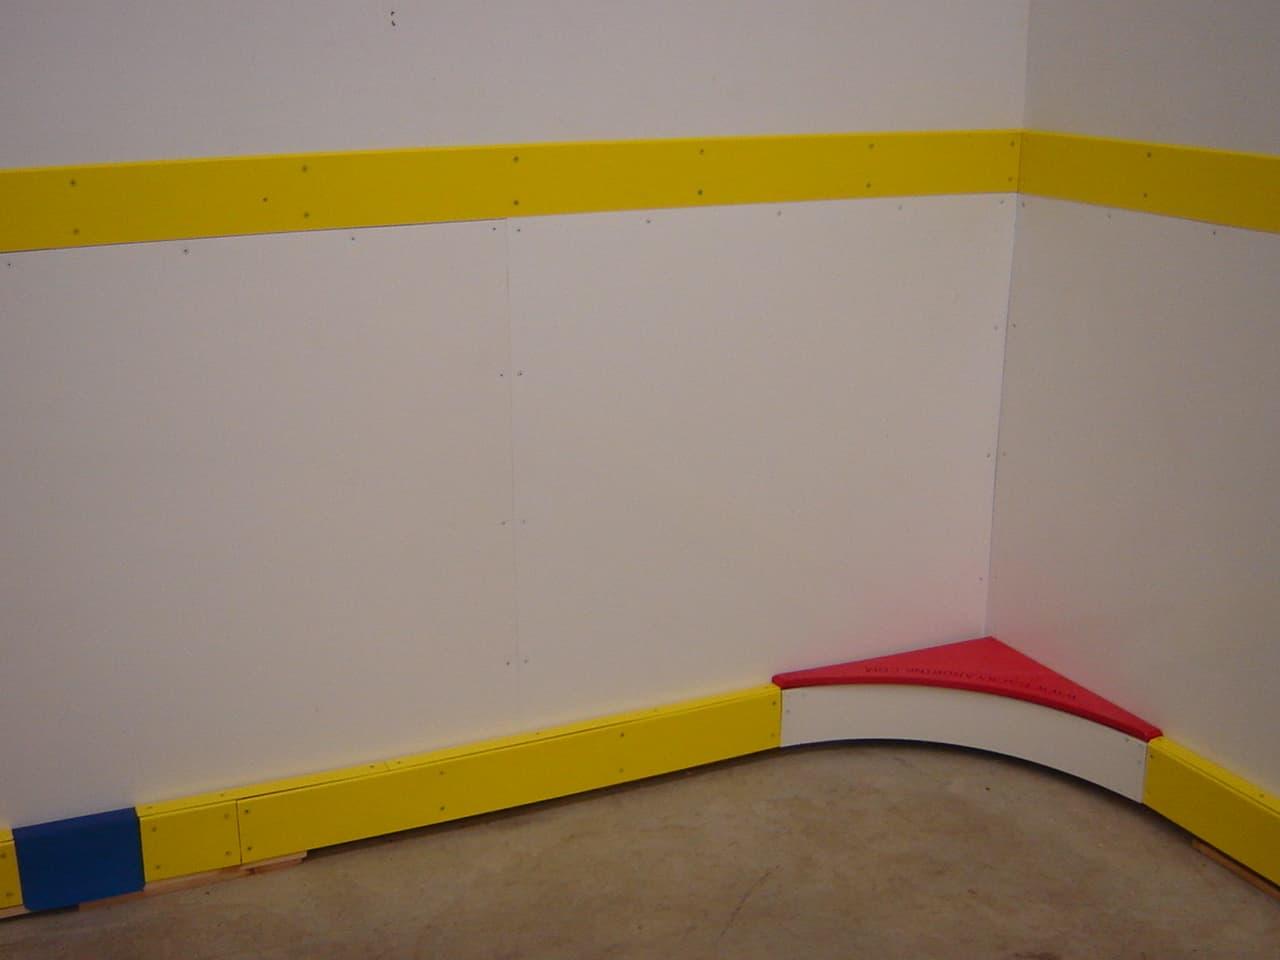 puckgoround corners set of 4